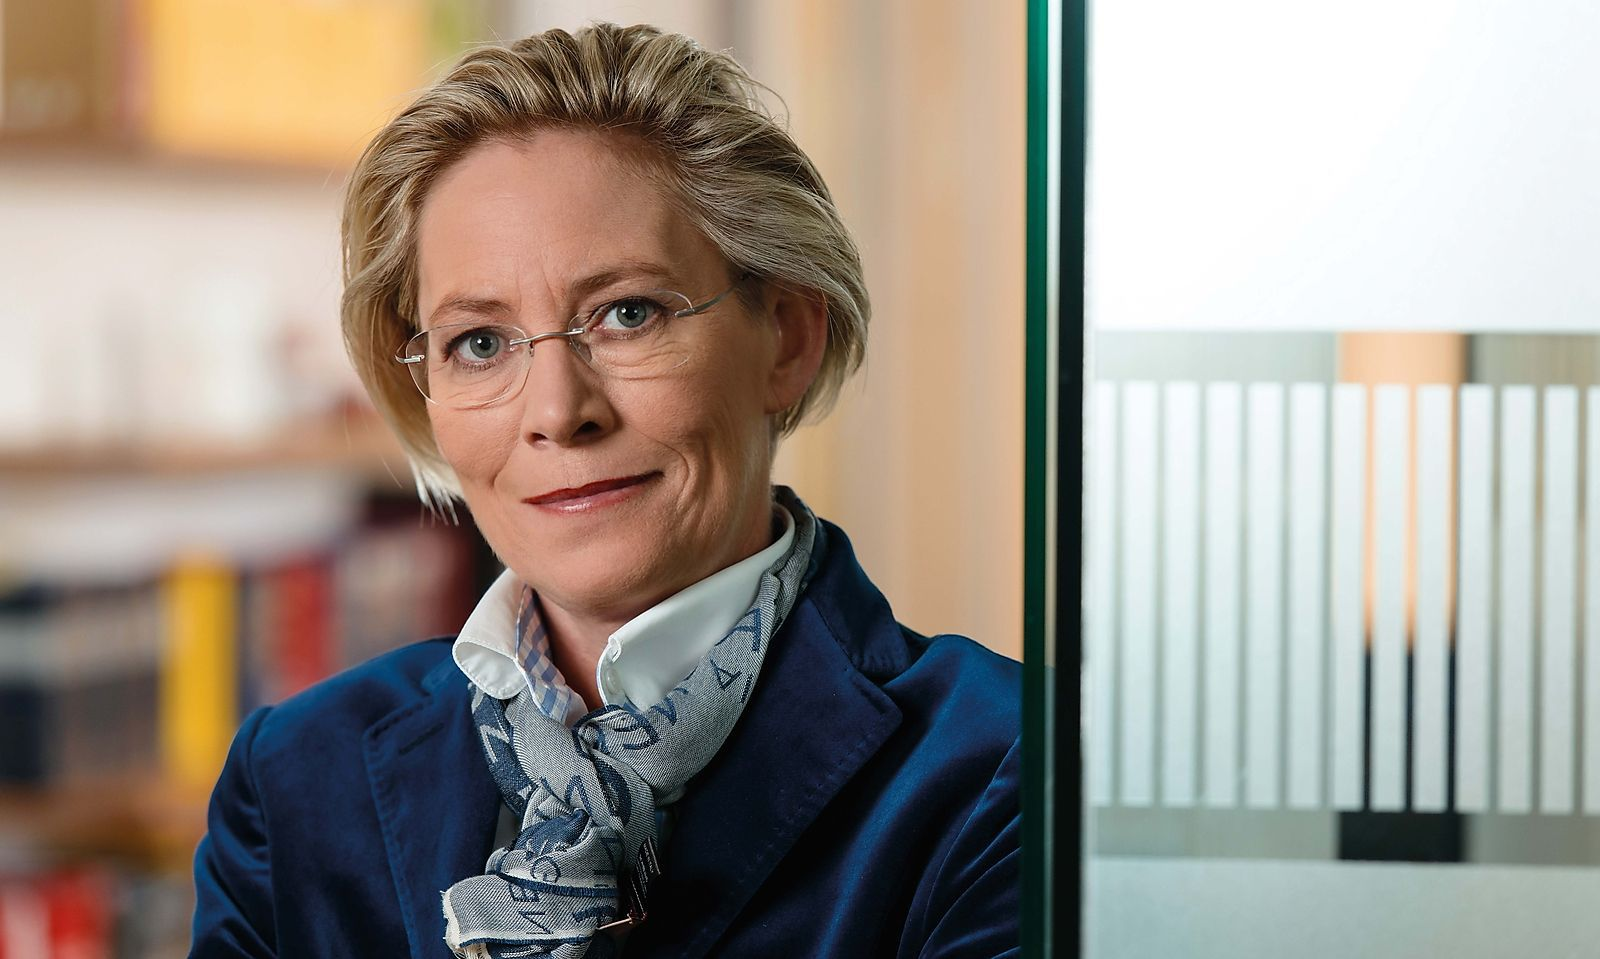 Immobilienrechtsexpertin Alexandra B. Huber